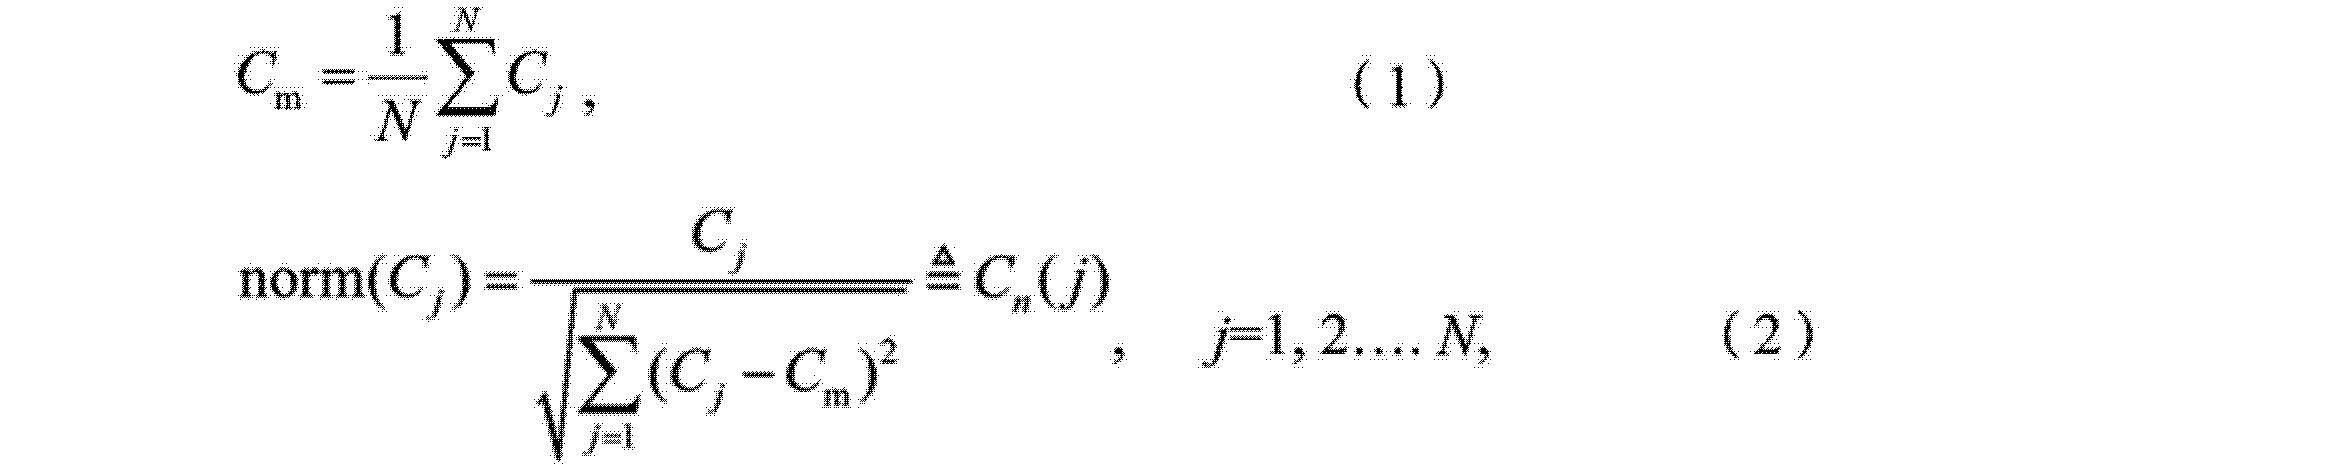 Figure CN102854151BC00021